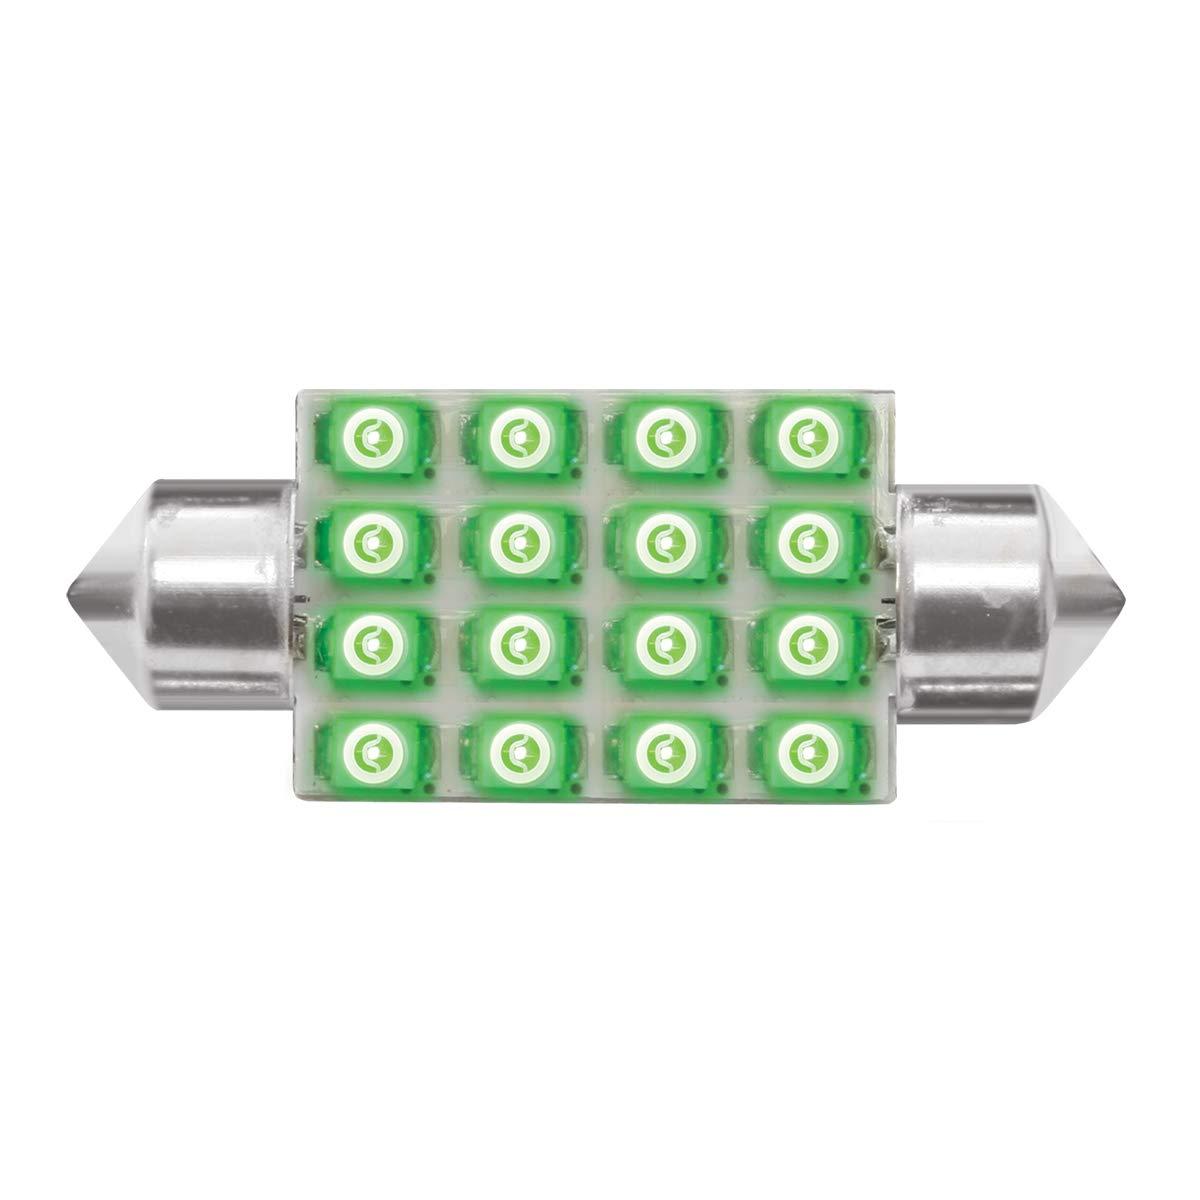 GG Grand General 76102 Light Bulb 211-2 Green 16-LED Festoon Dome, 12V